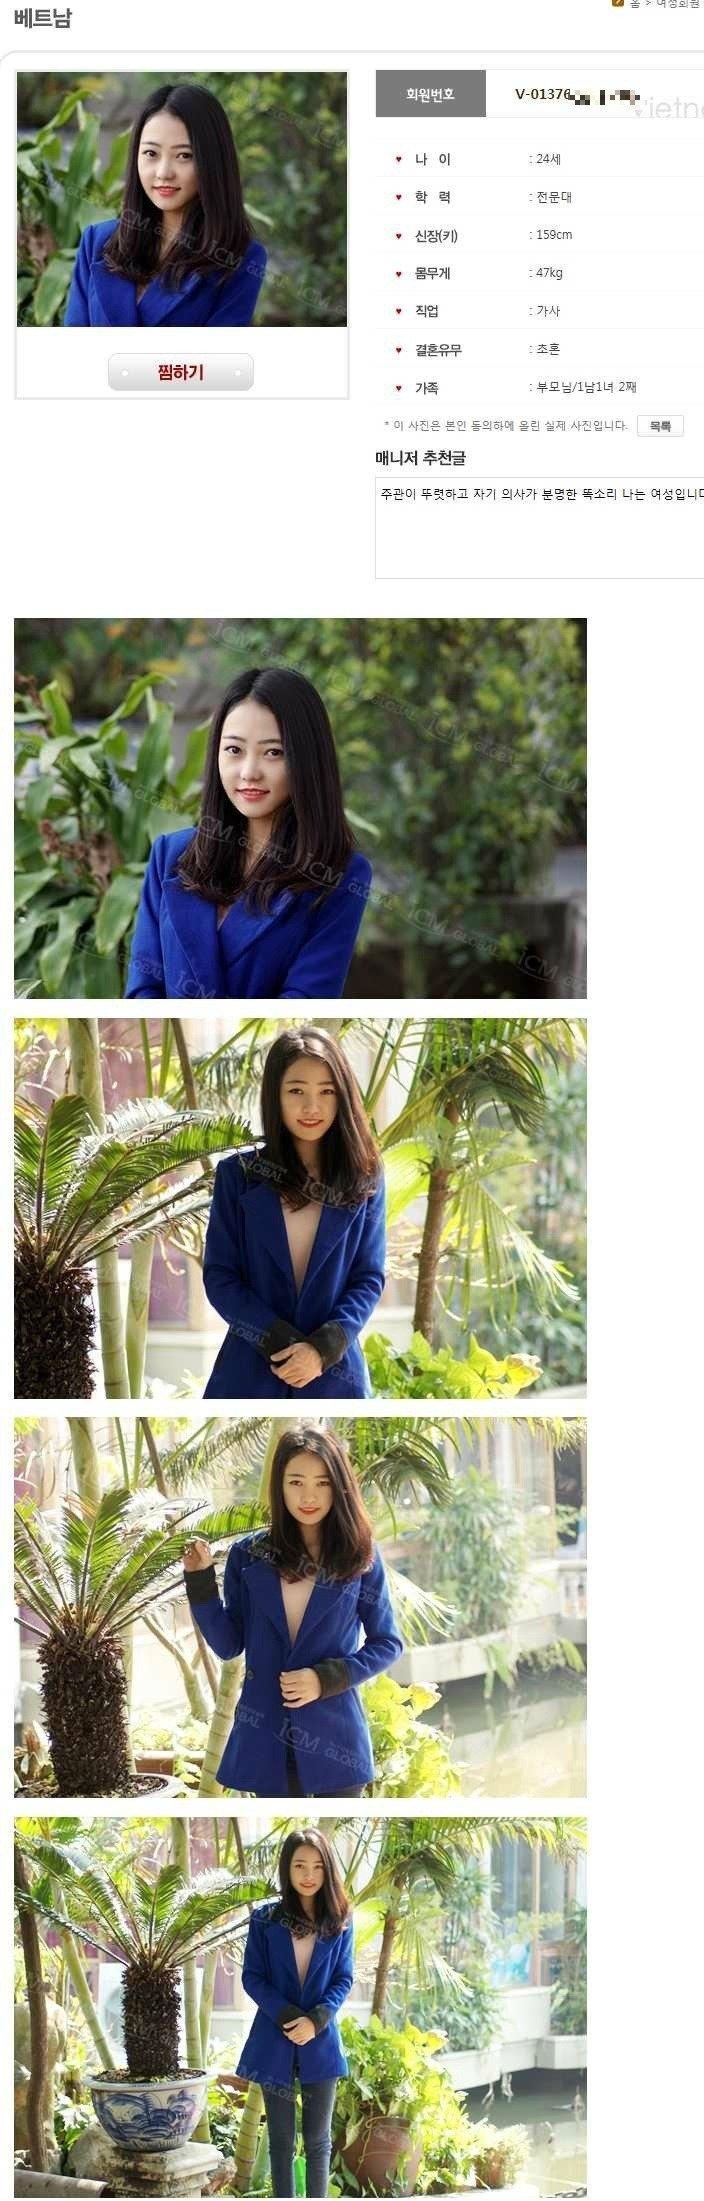 요즘 베트남 국제결혼 클라스